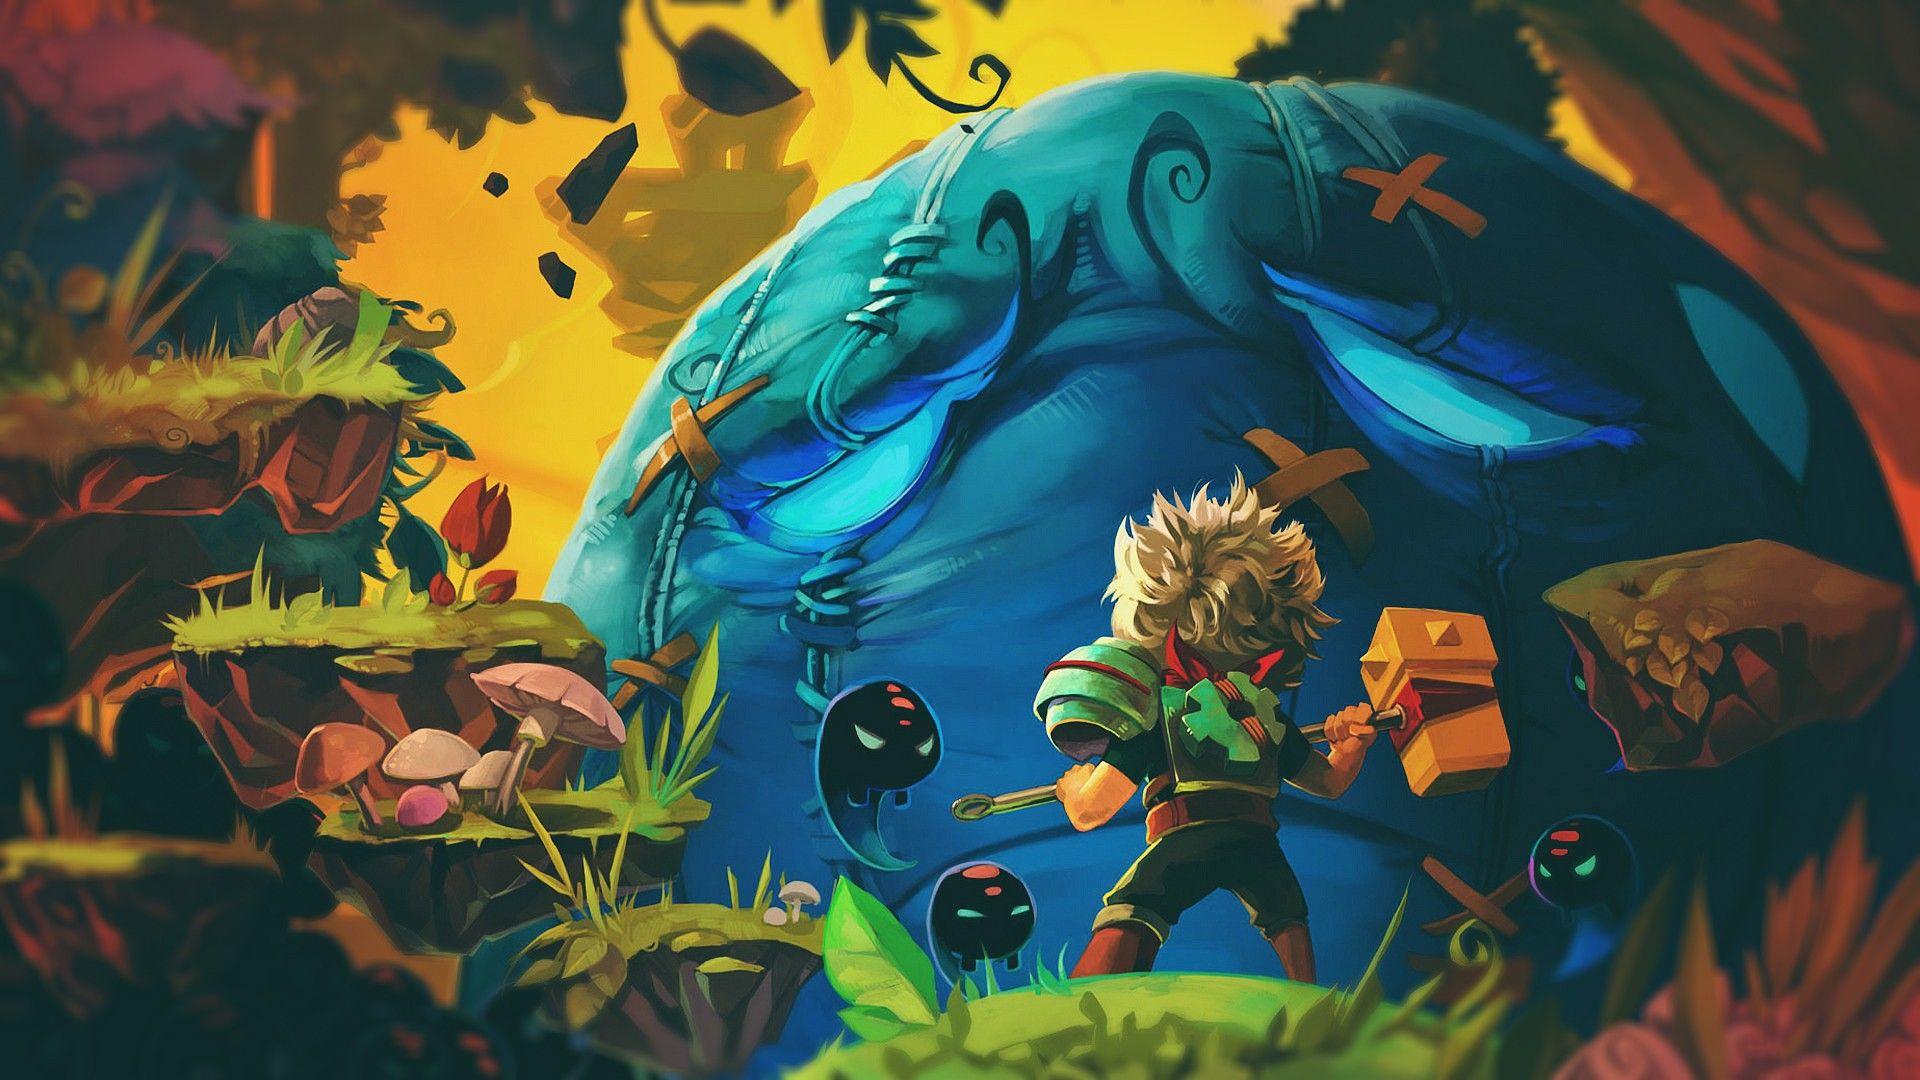 Bastion Video Games Artwork Wallpaper No 140781 Art Concept Art Gorgeous Art